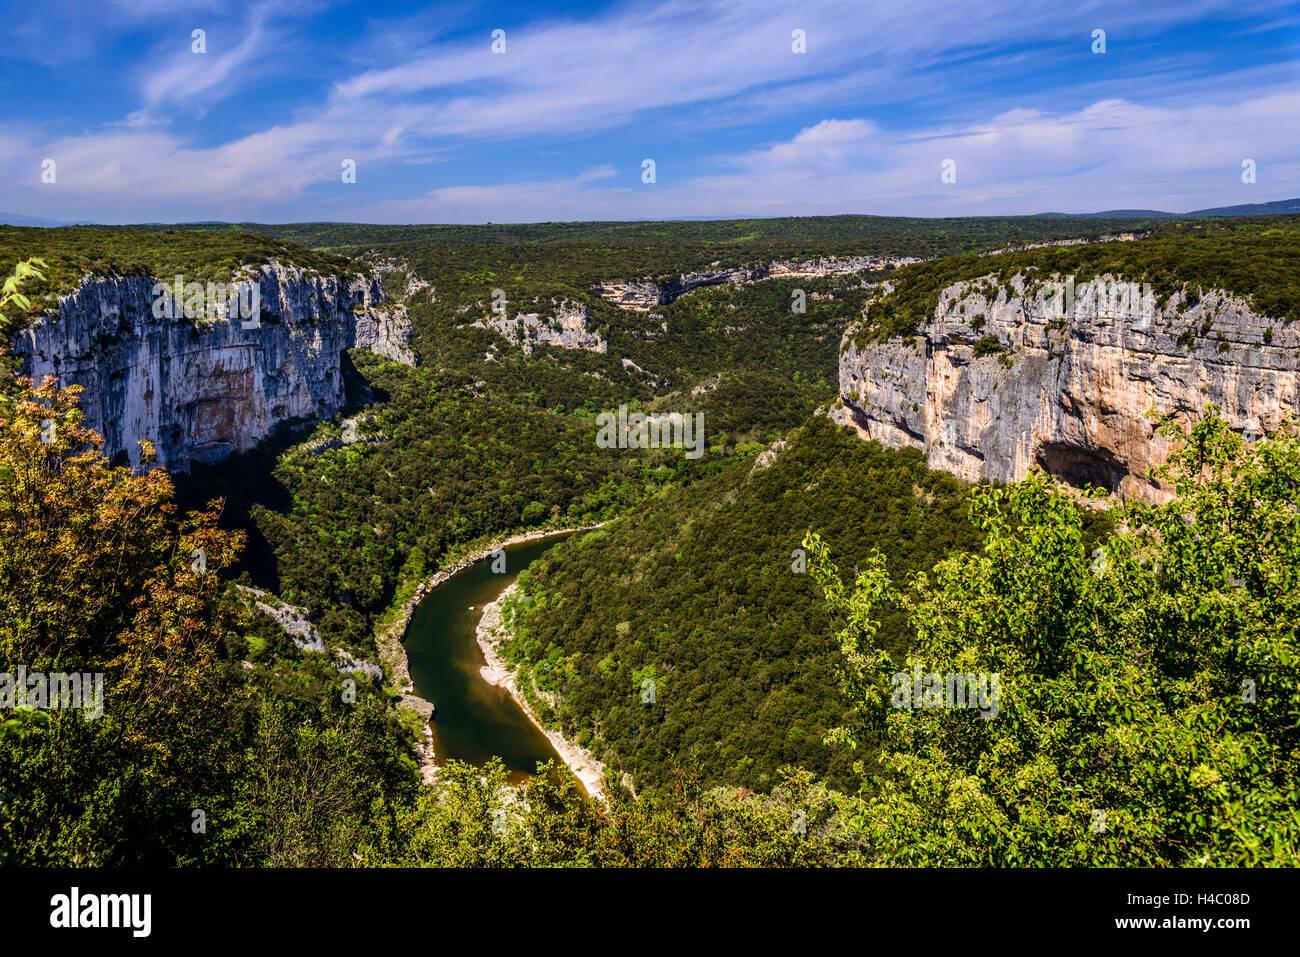 France, Rhône-Alpes, ArdÞche, Saint-Martin-d'ArdÞche, Gorges de l'ArdÞche, Grand BelvédÞre - Stock Image